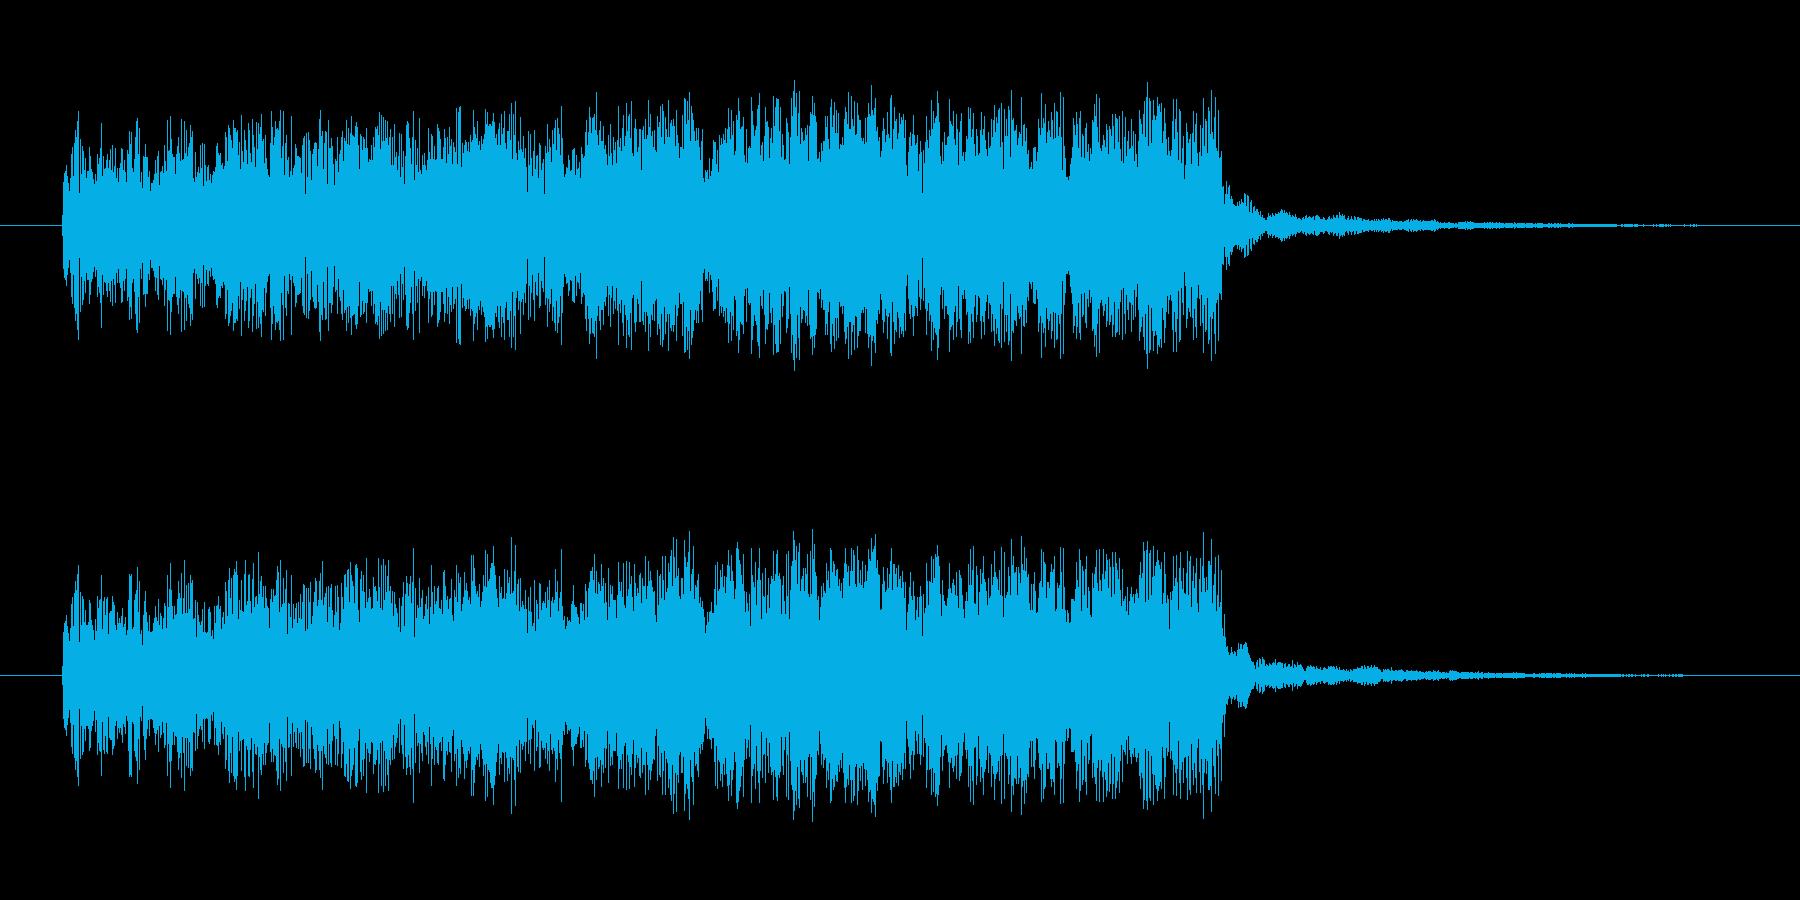 クリア 目標達成 レベルアップ 上昇音の再生済みの波形